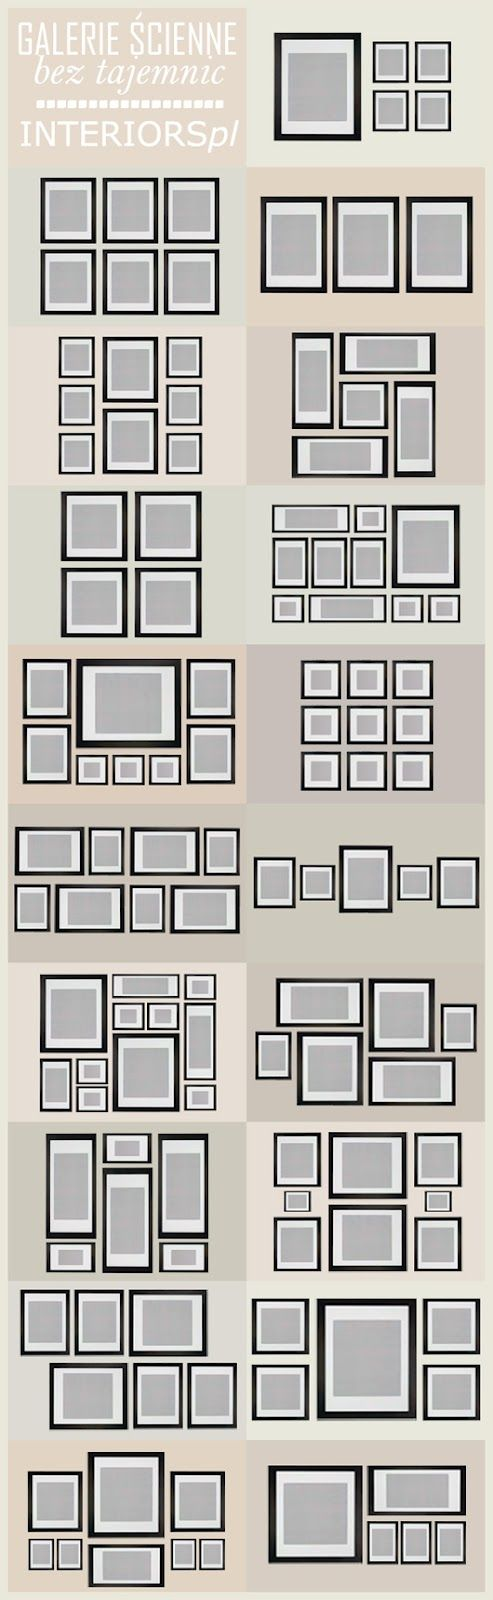 100 idées pour décorer ses murs   Pinterest   Composición, Marcos y ...